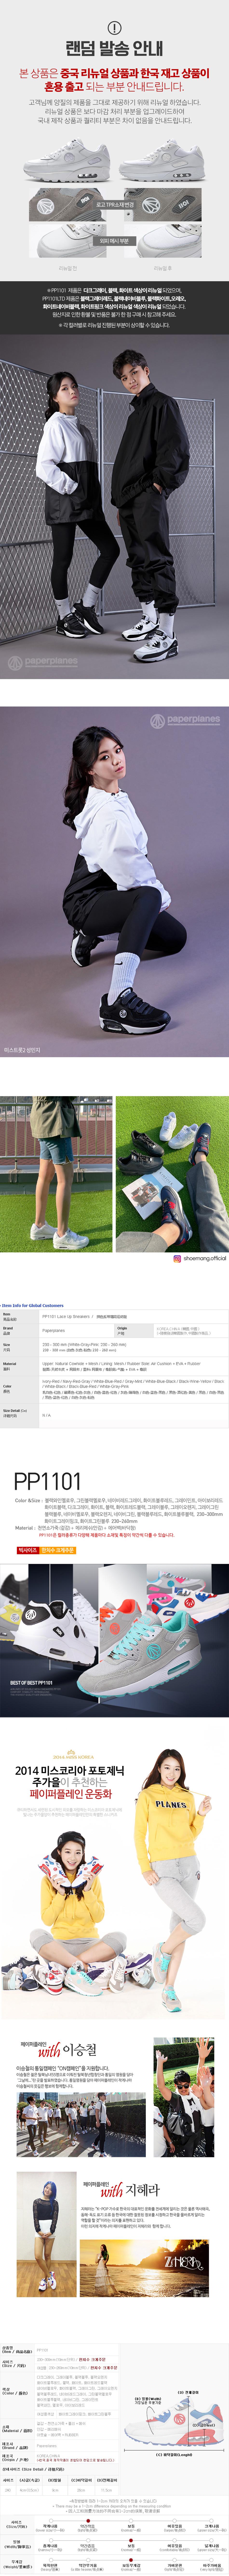 pp1101_top.jpg